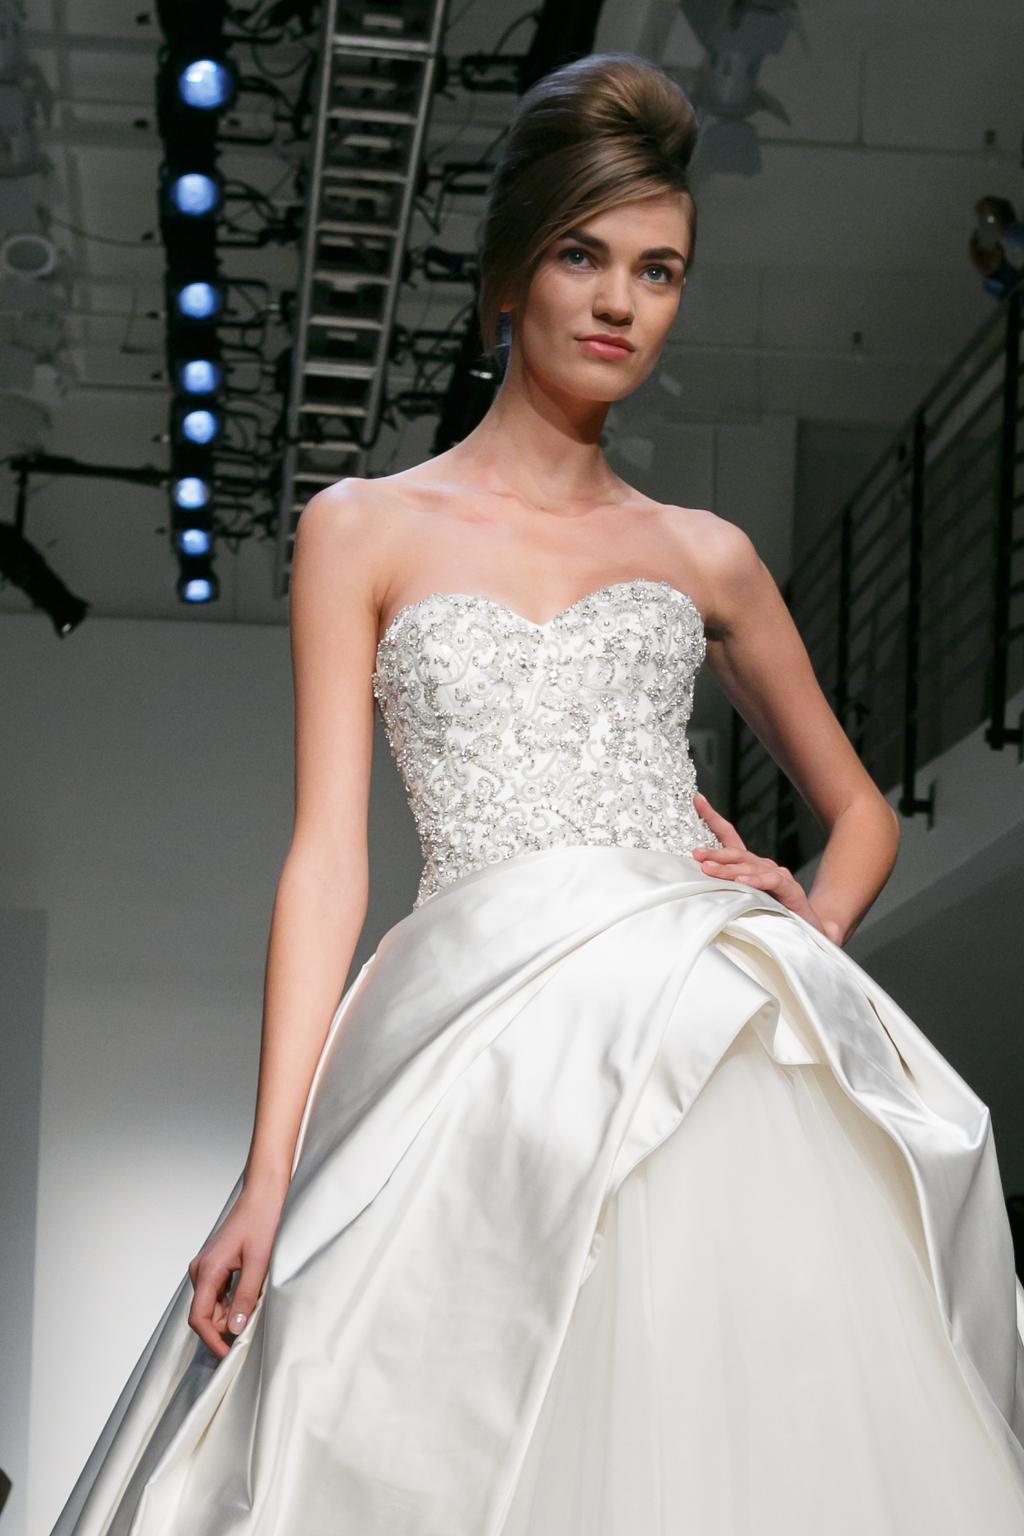 Fall-2013-wedding-dress-kenneth-pool-by-amsale-bridal-gowns-1b.full